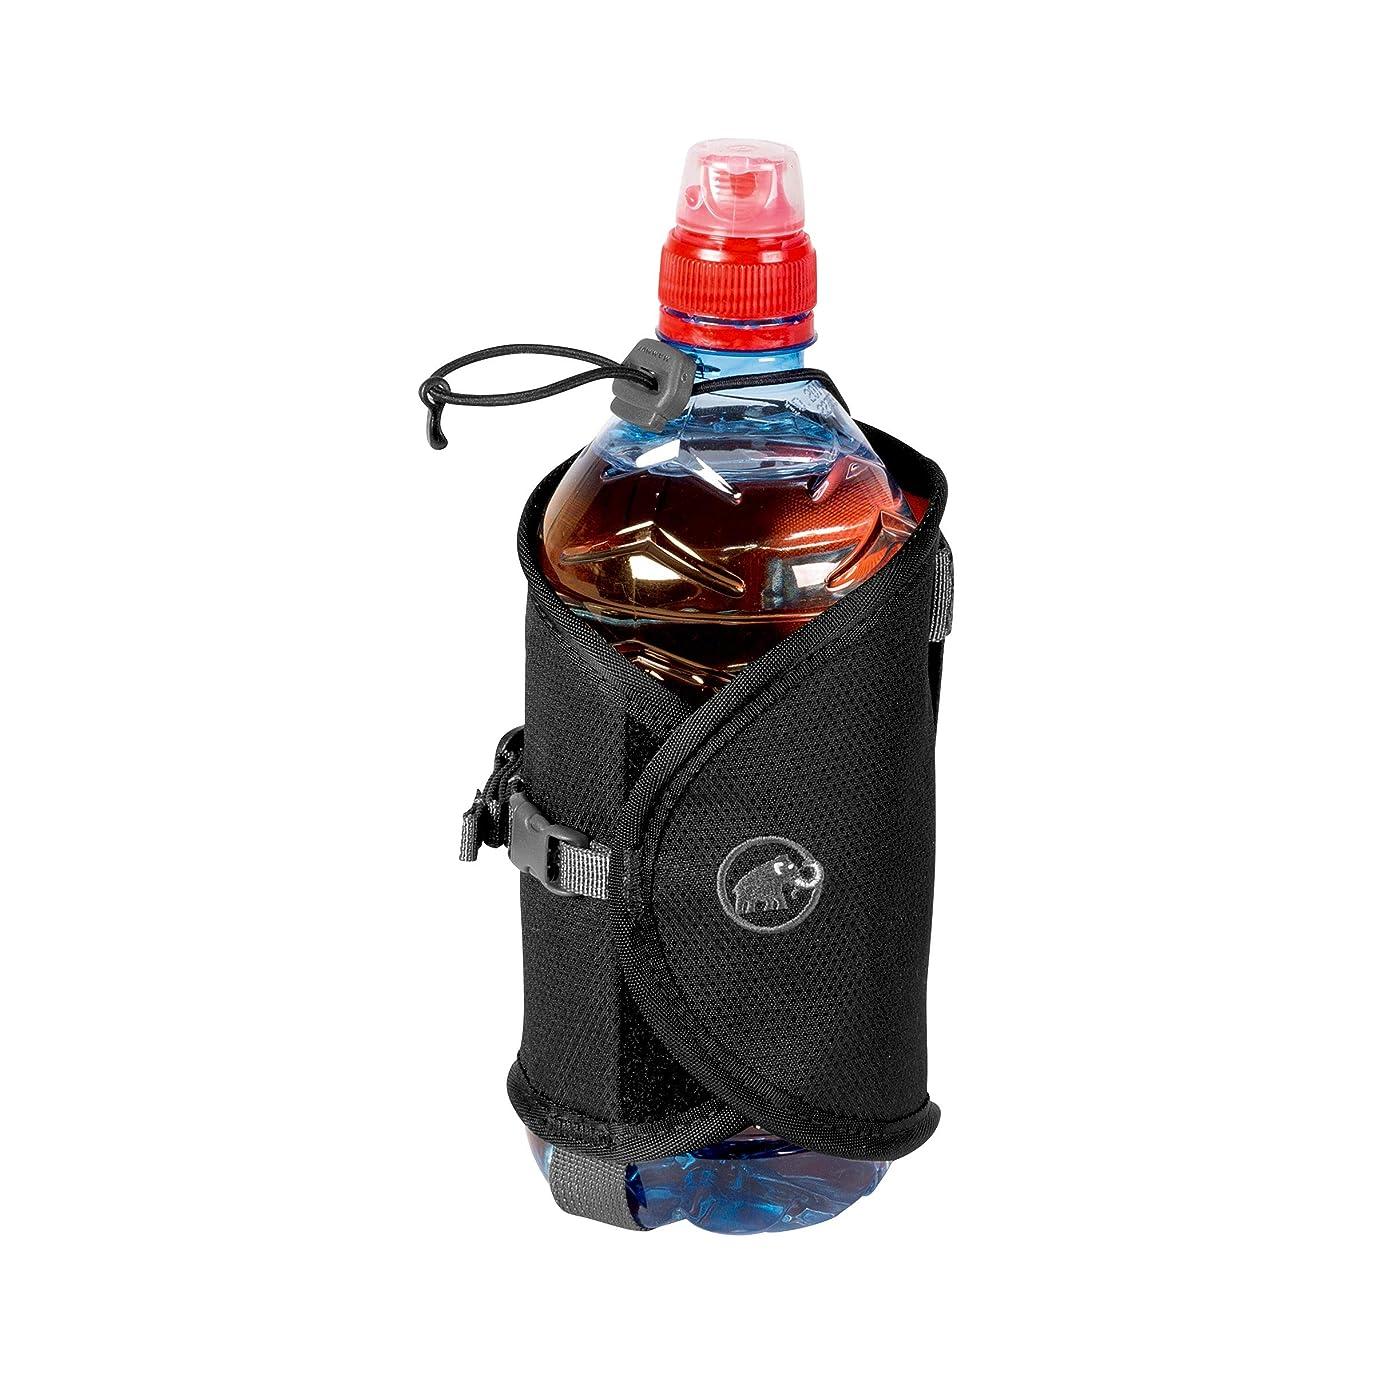 仲介者珍しい束ねる[マムート] アドオン ボトルフォルダー Add-on bottle holder